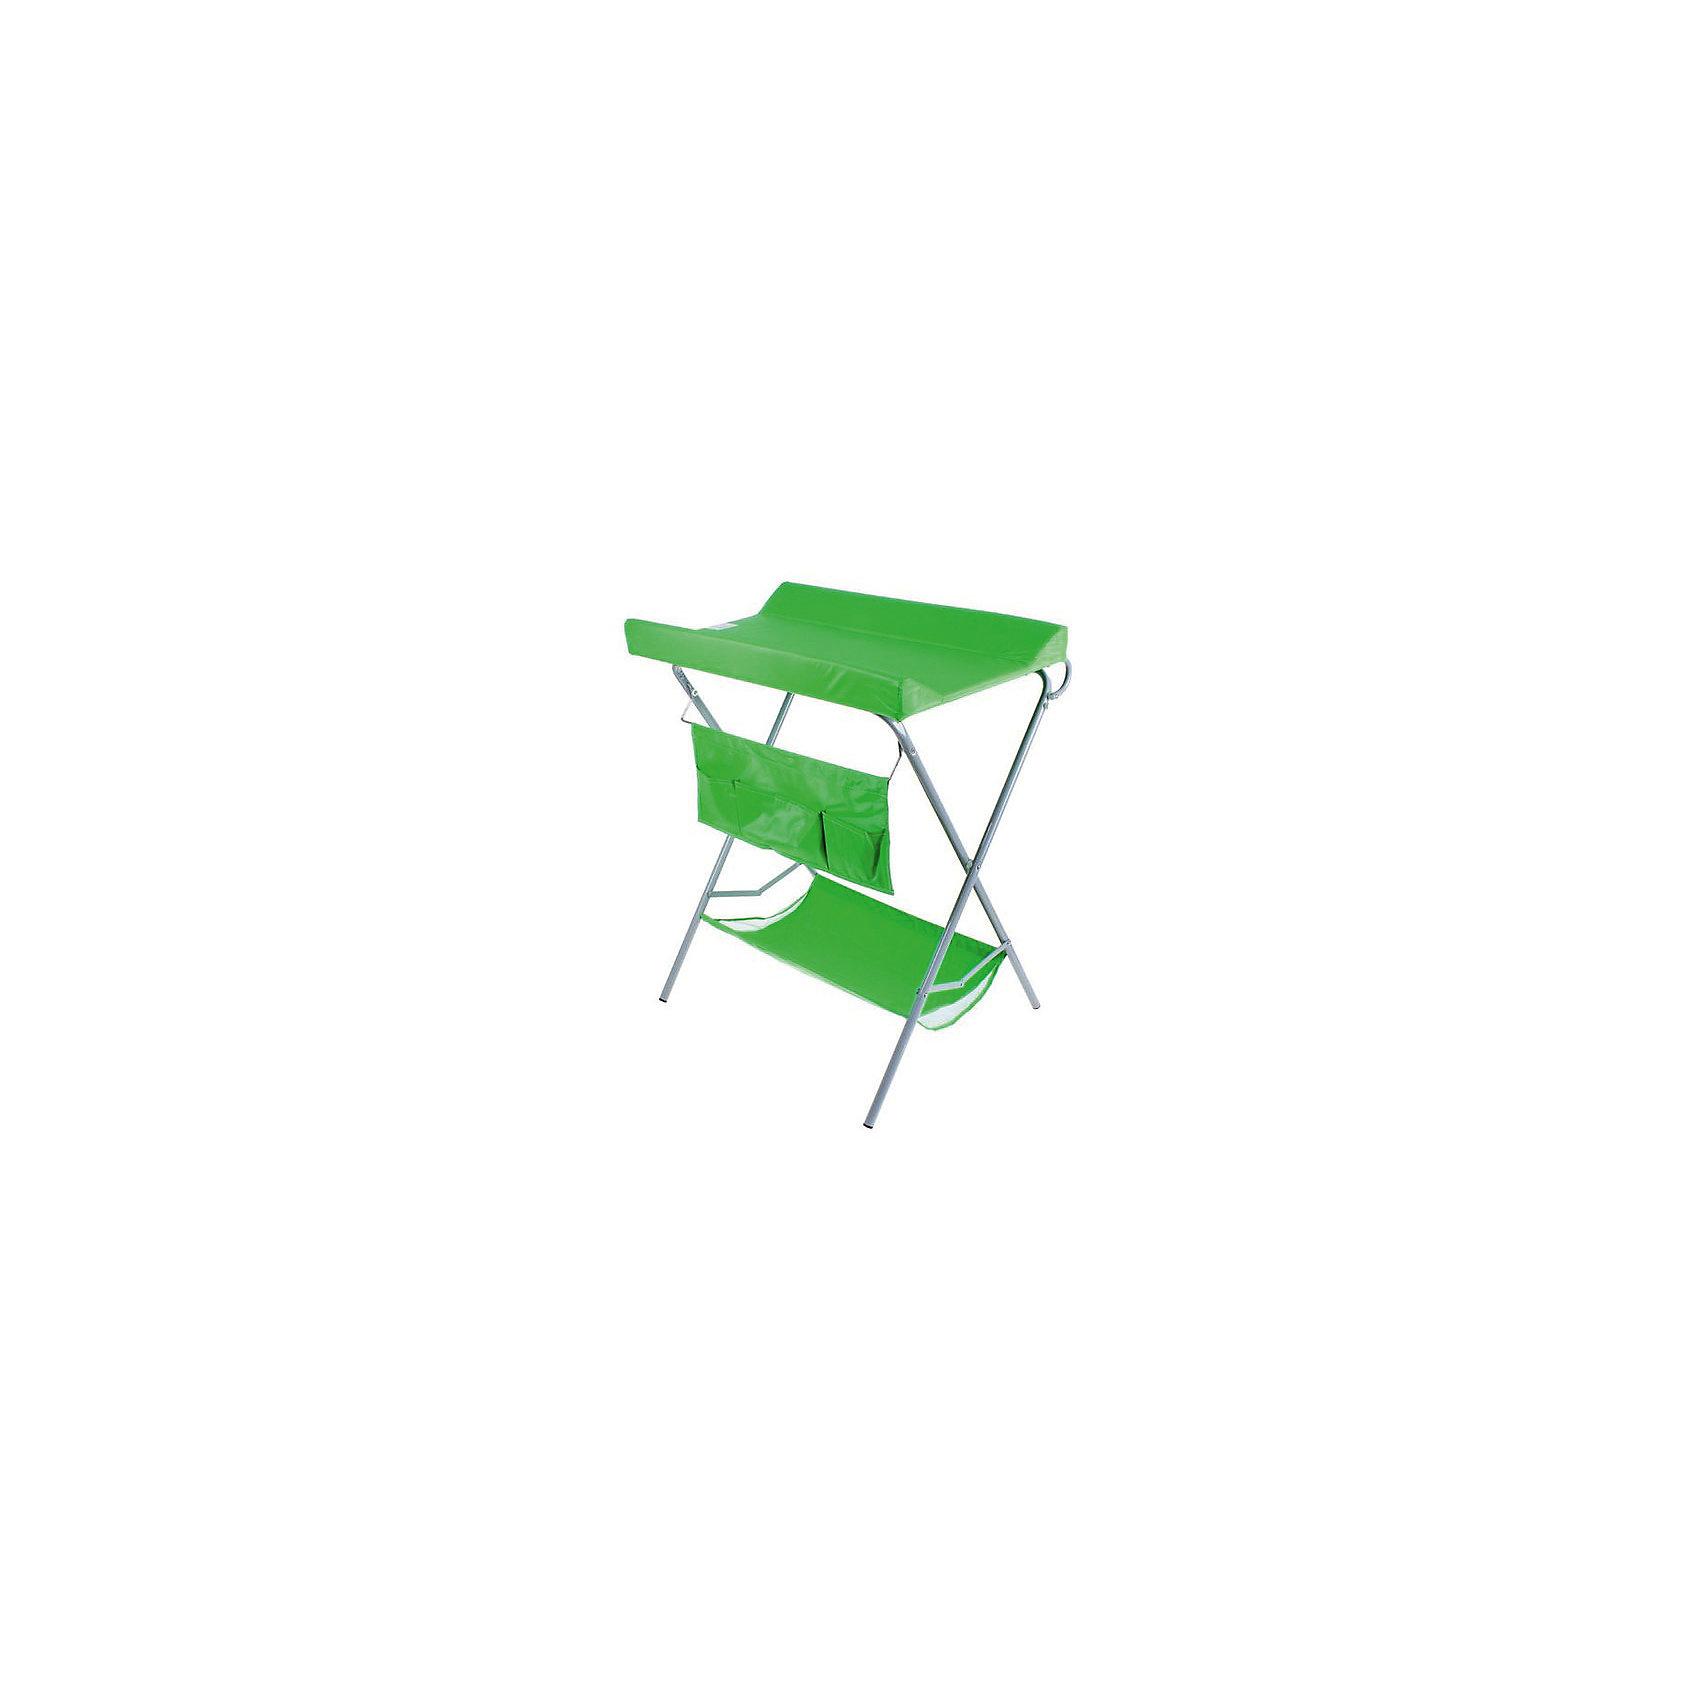 Пеленальный столик, Фея, зеленый (ФЕЯ)